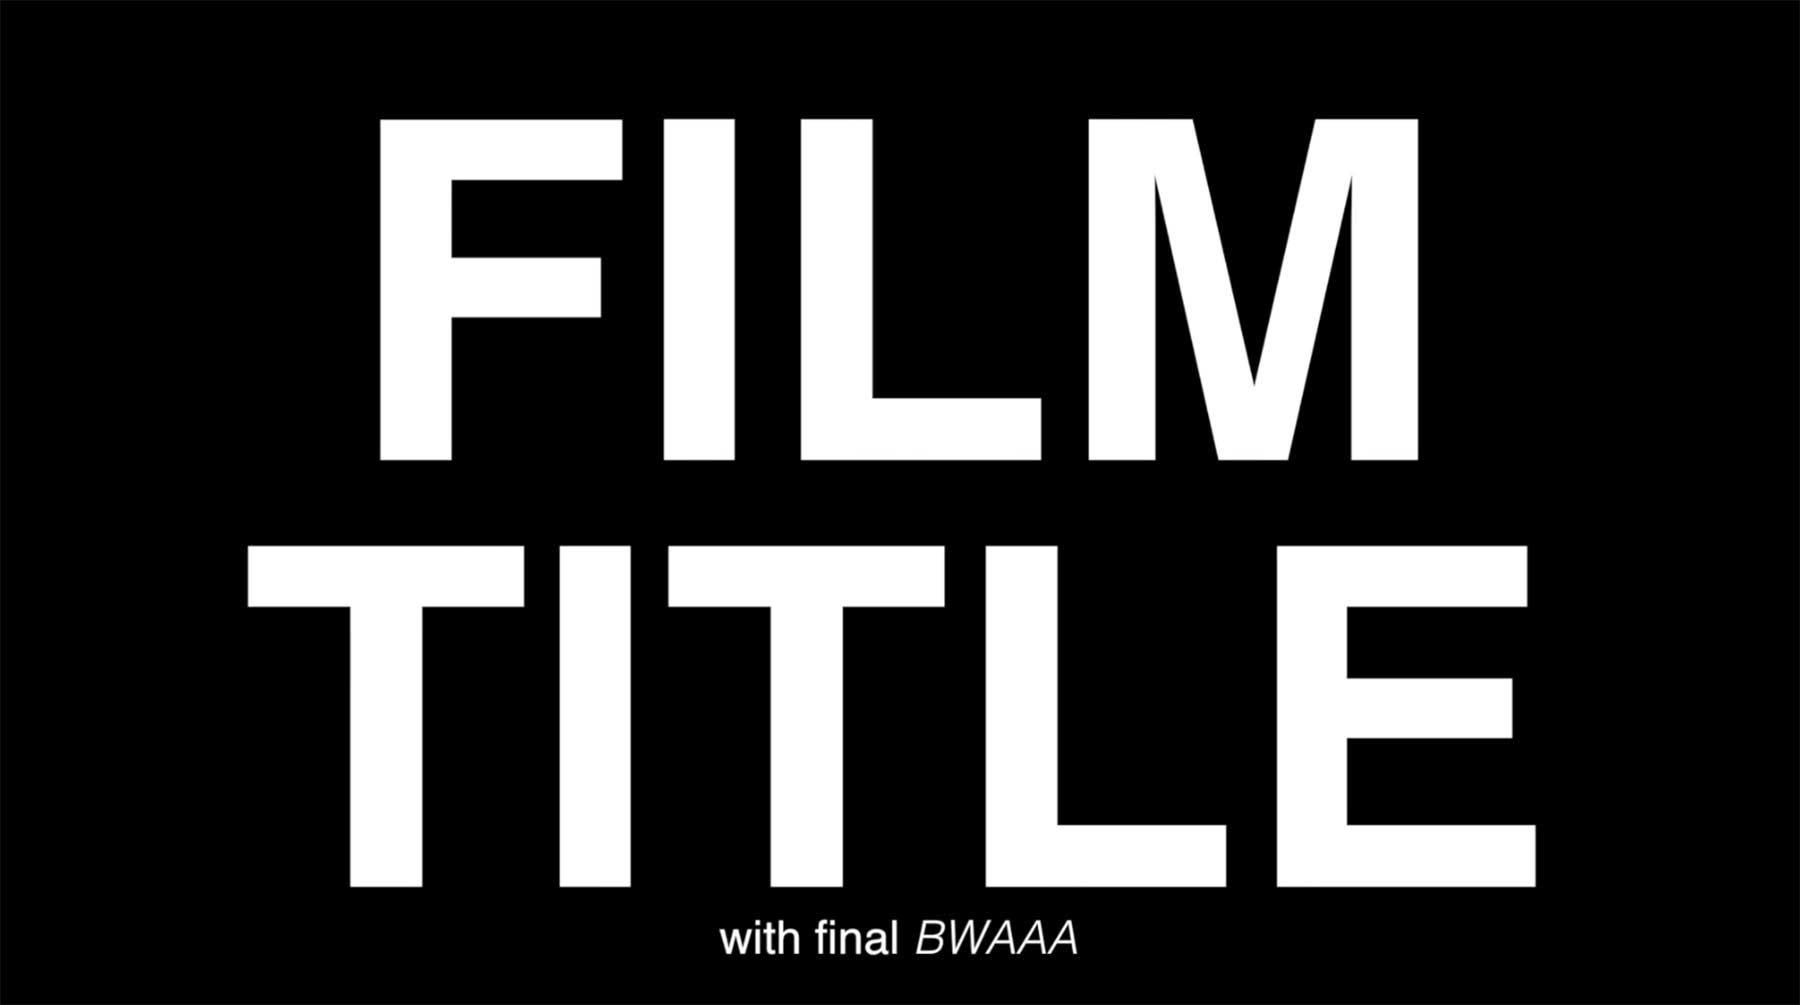 Generischer Trailer für einen Hollywood-Blockbuster